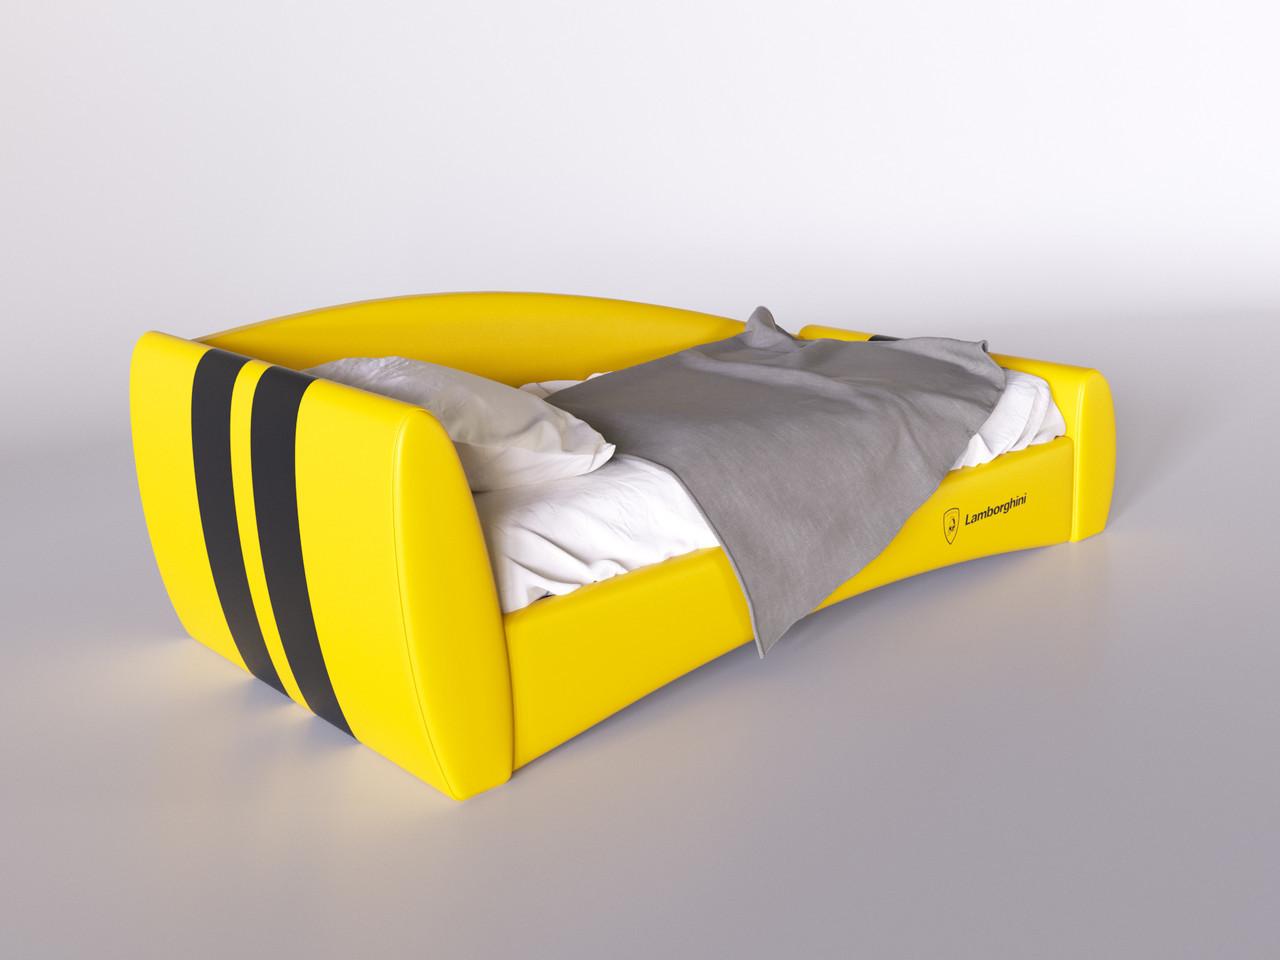 Детская кровать Формула lamborghini 120*190 с подъемным механизмом